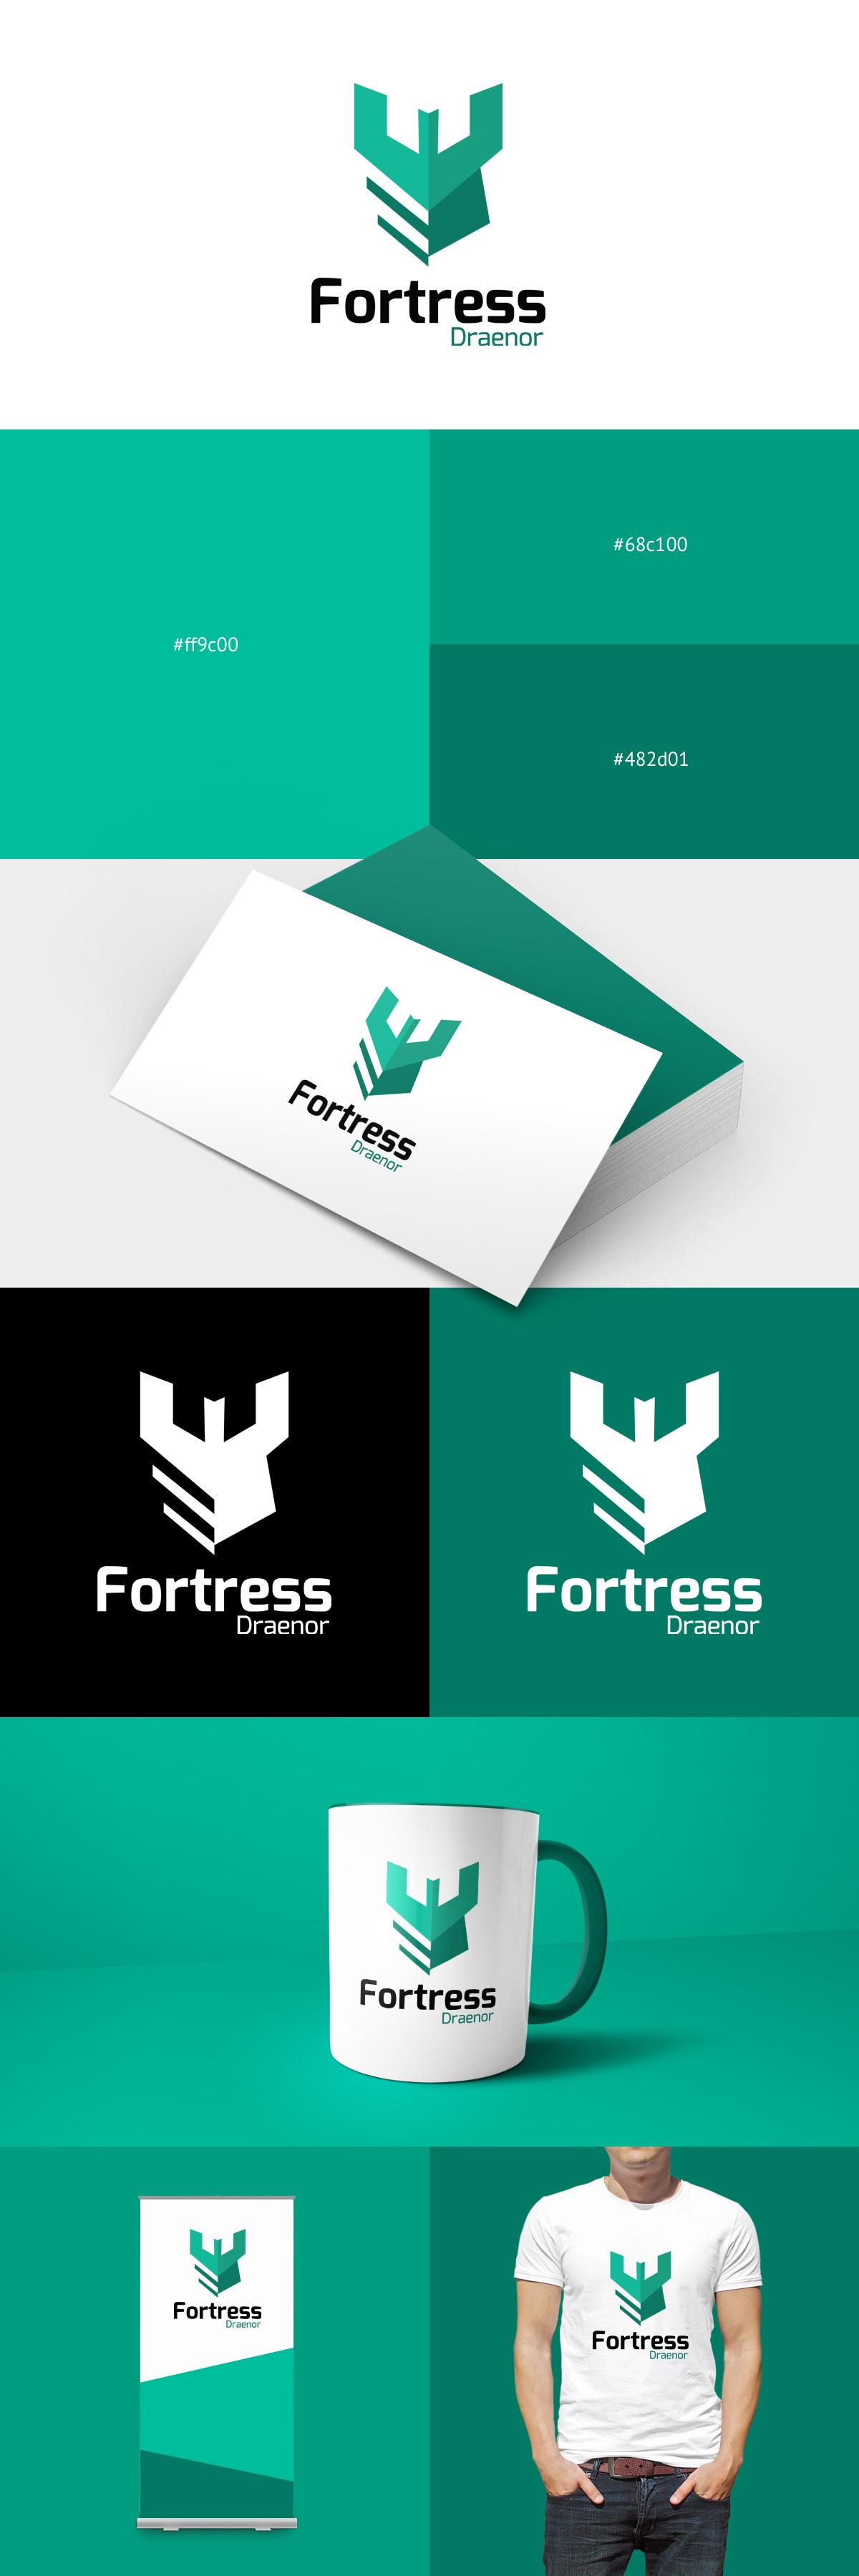 fortress-projekt-logo-rzut